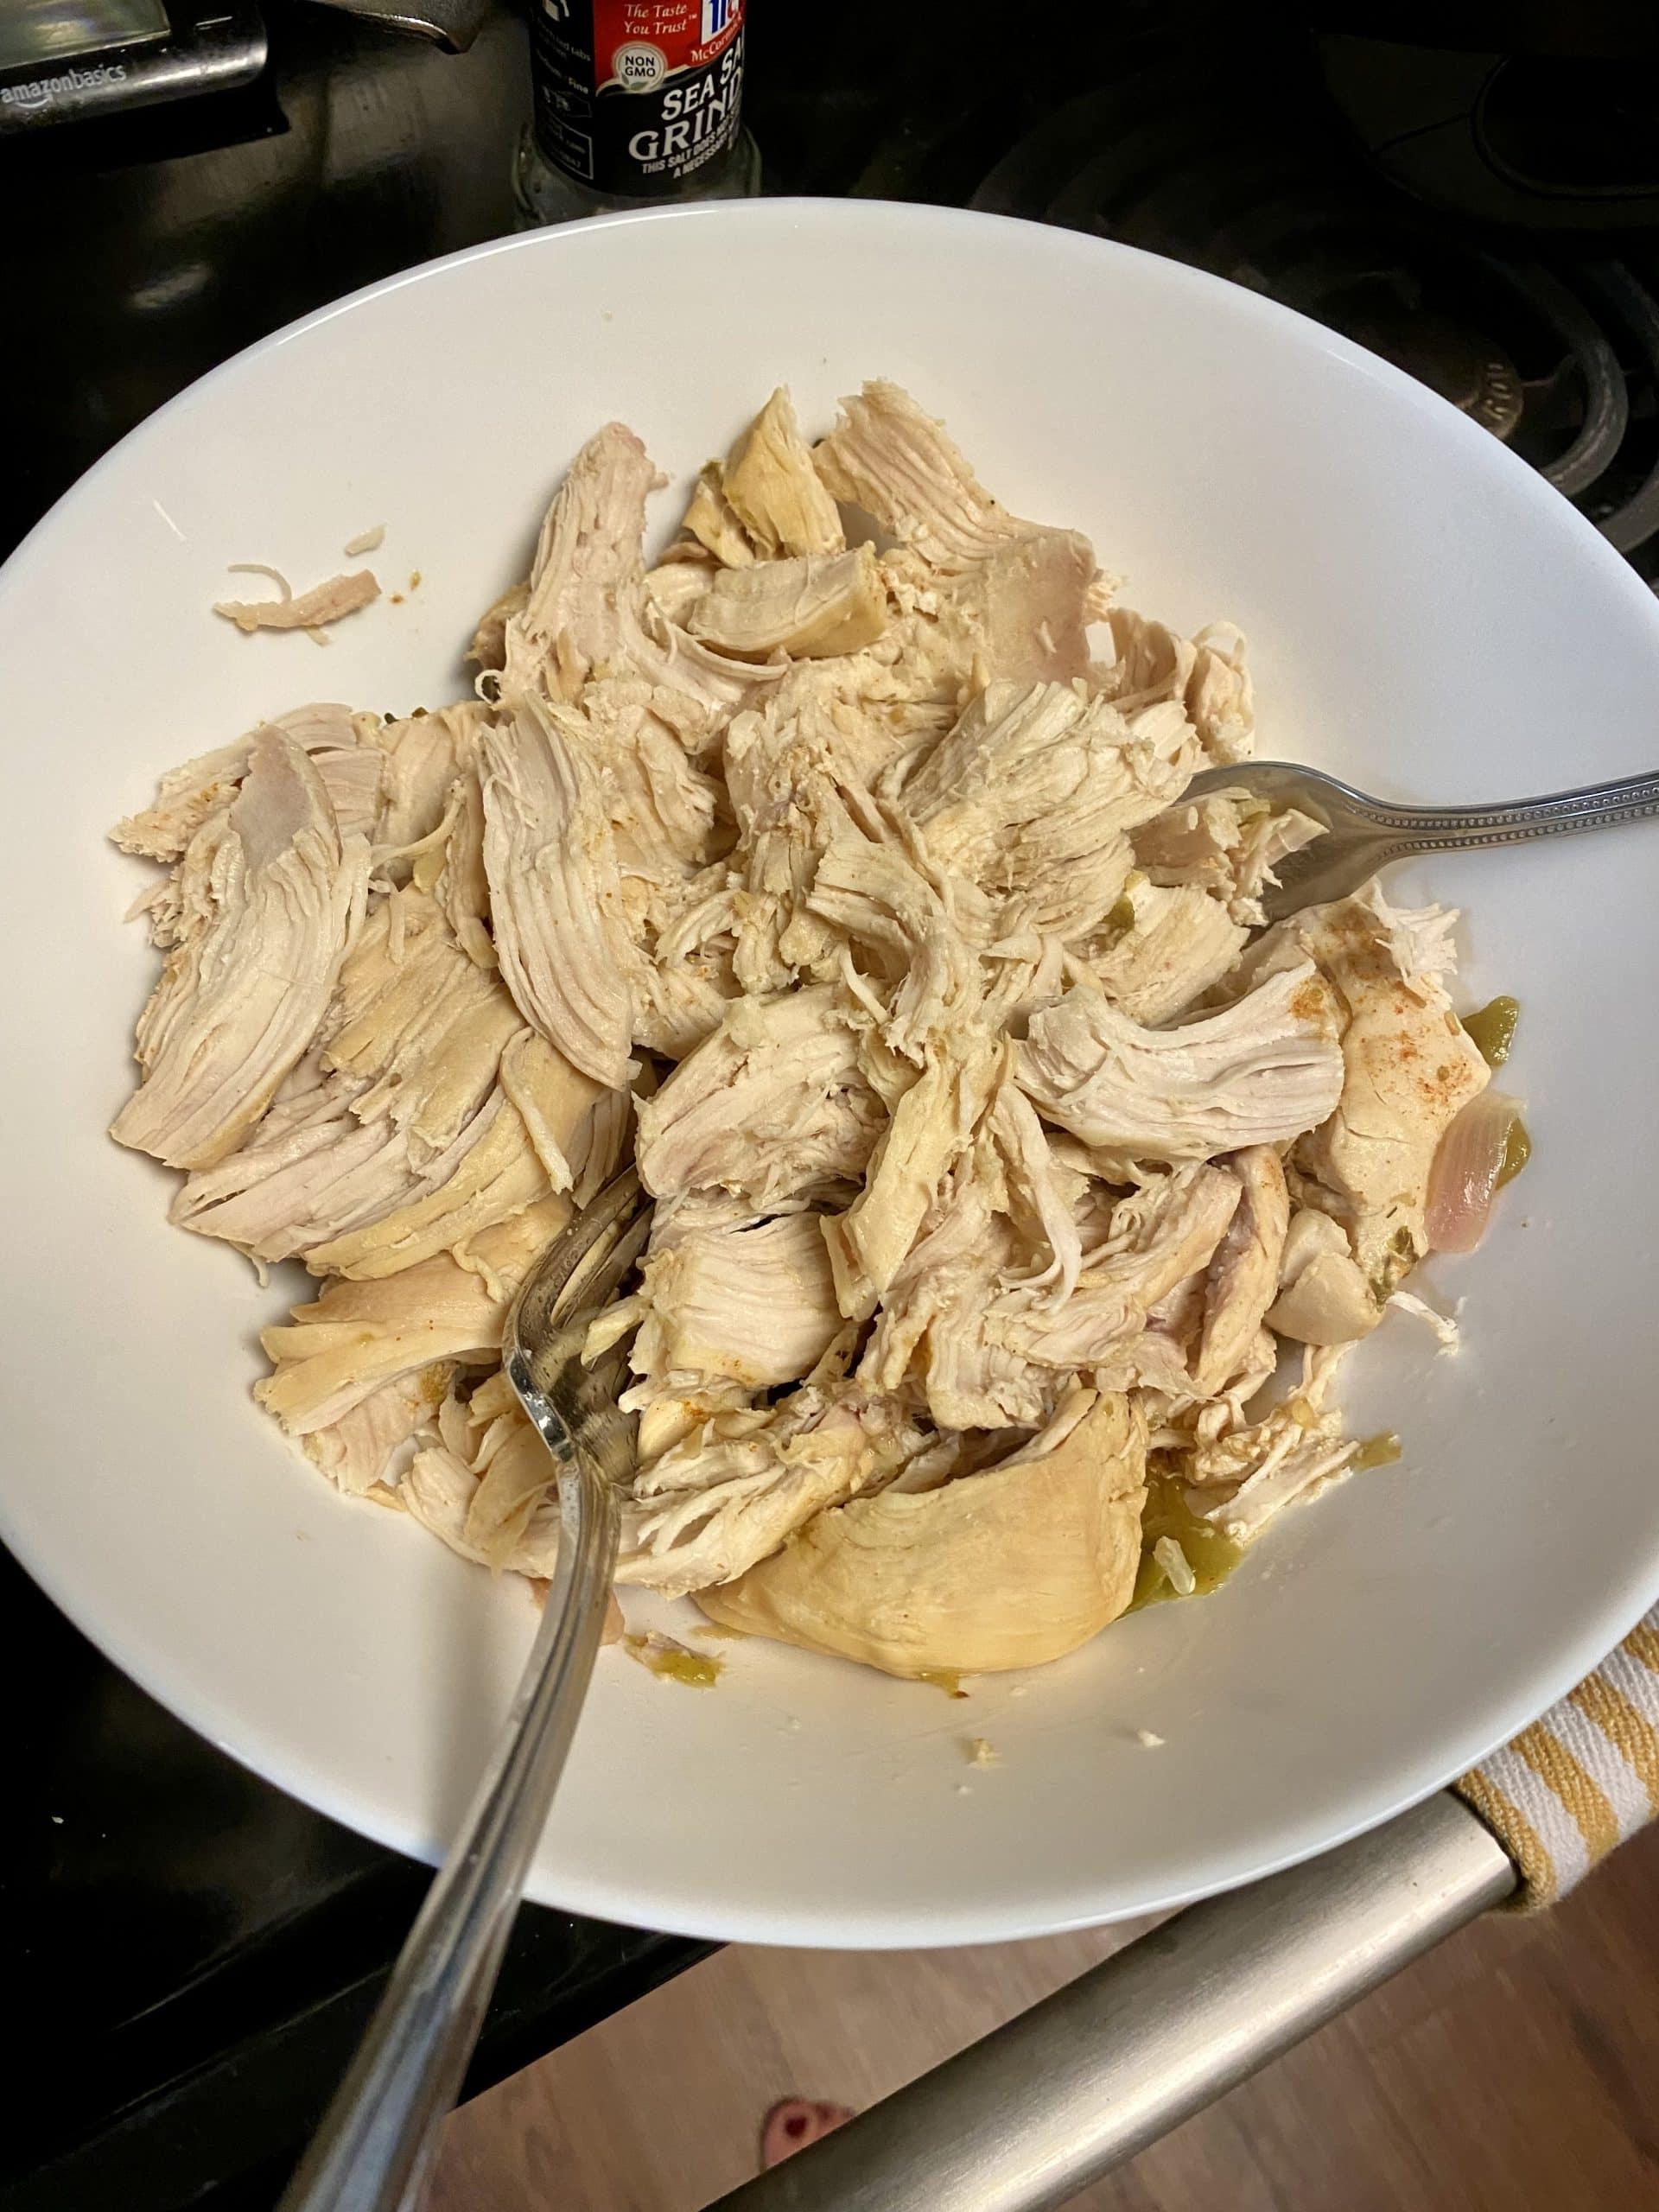 shredding chicken breast